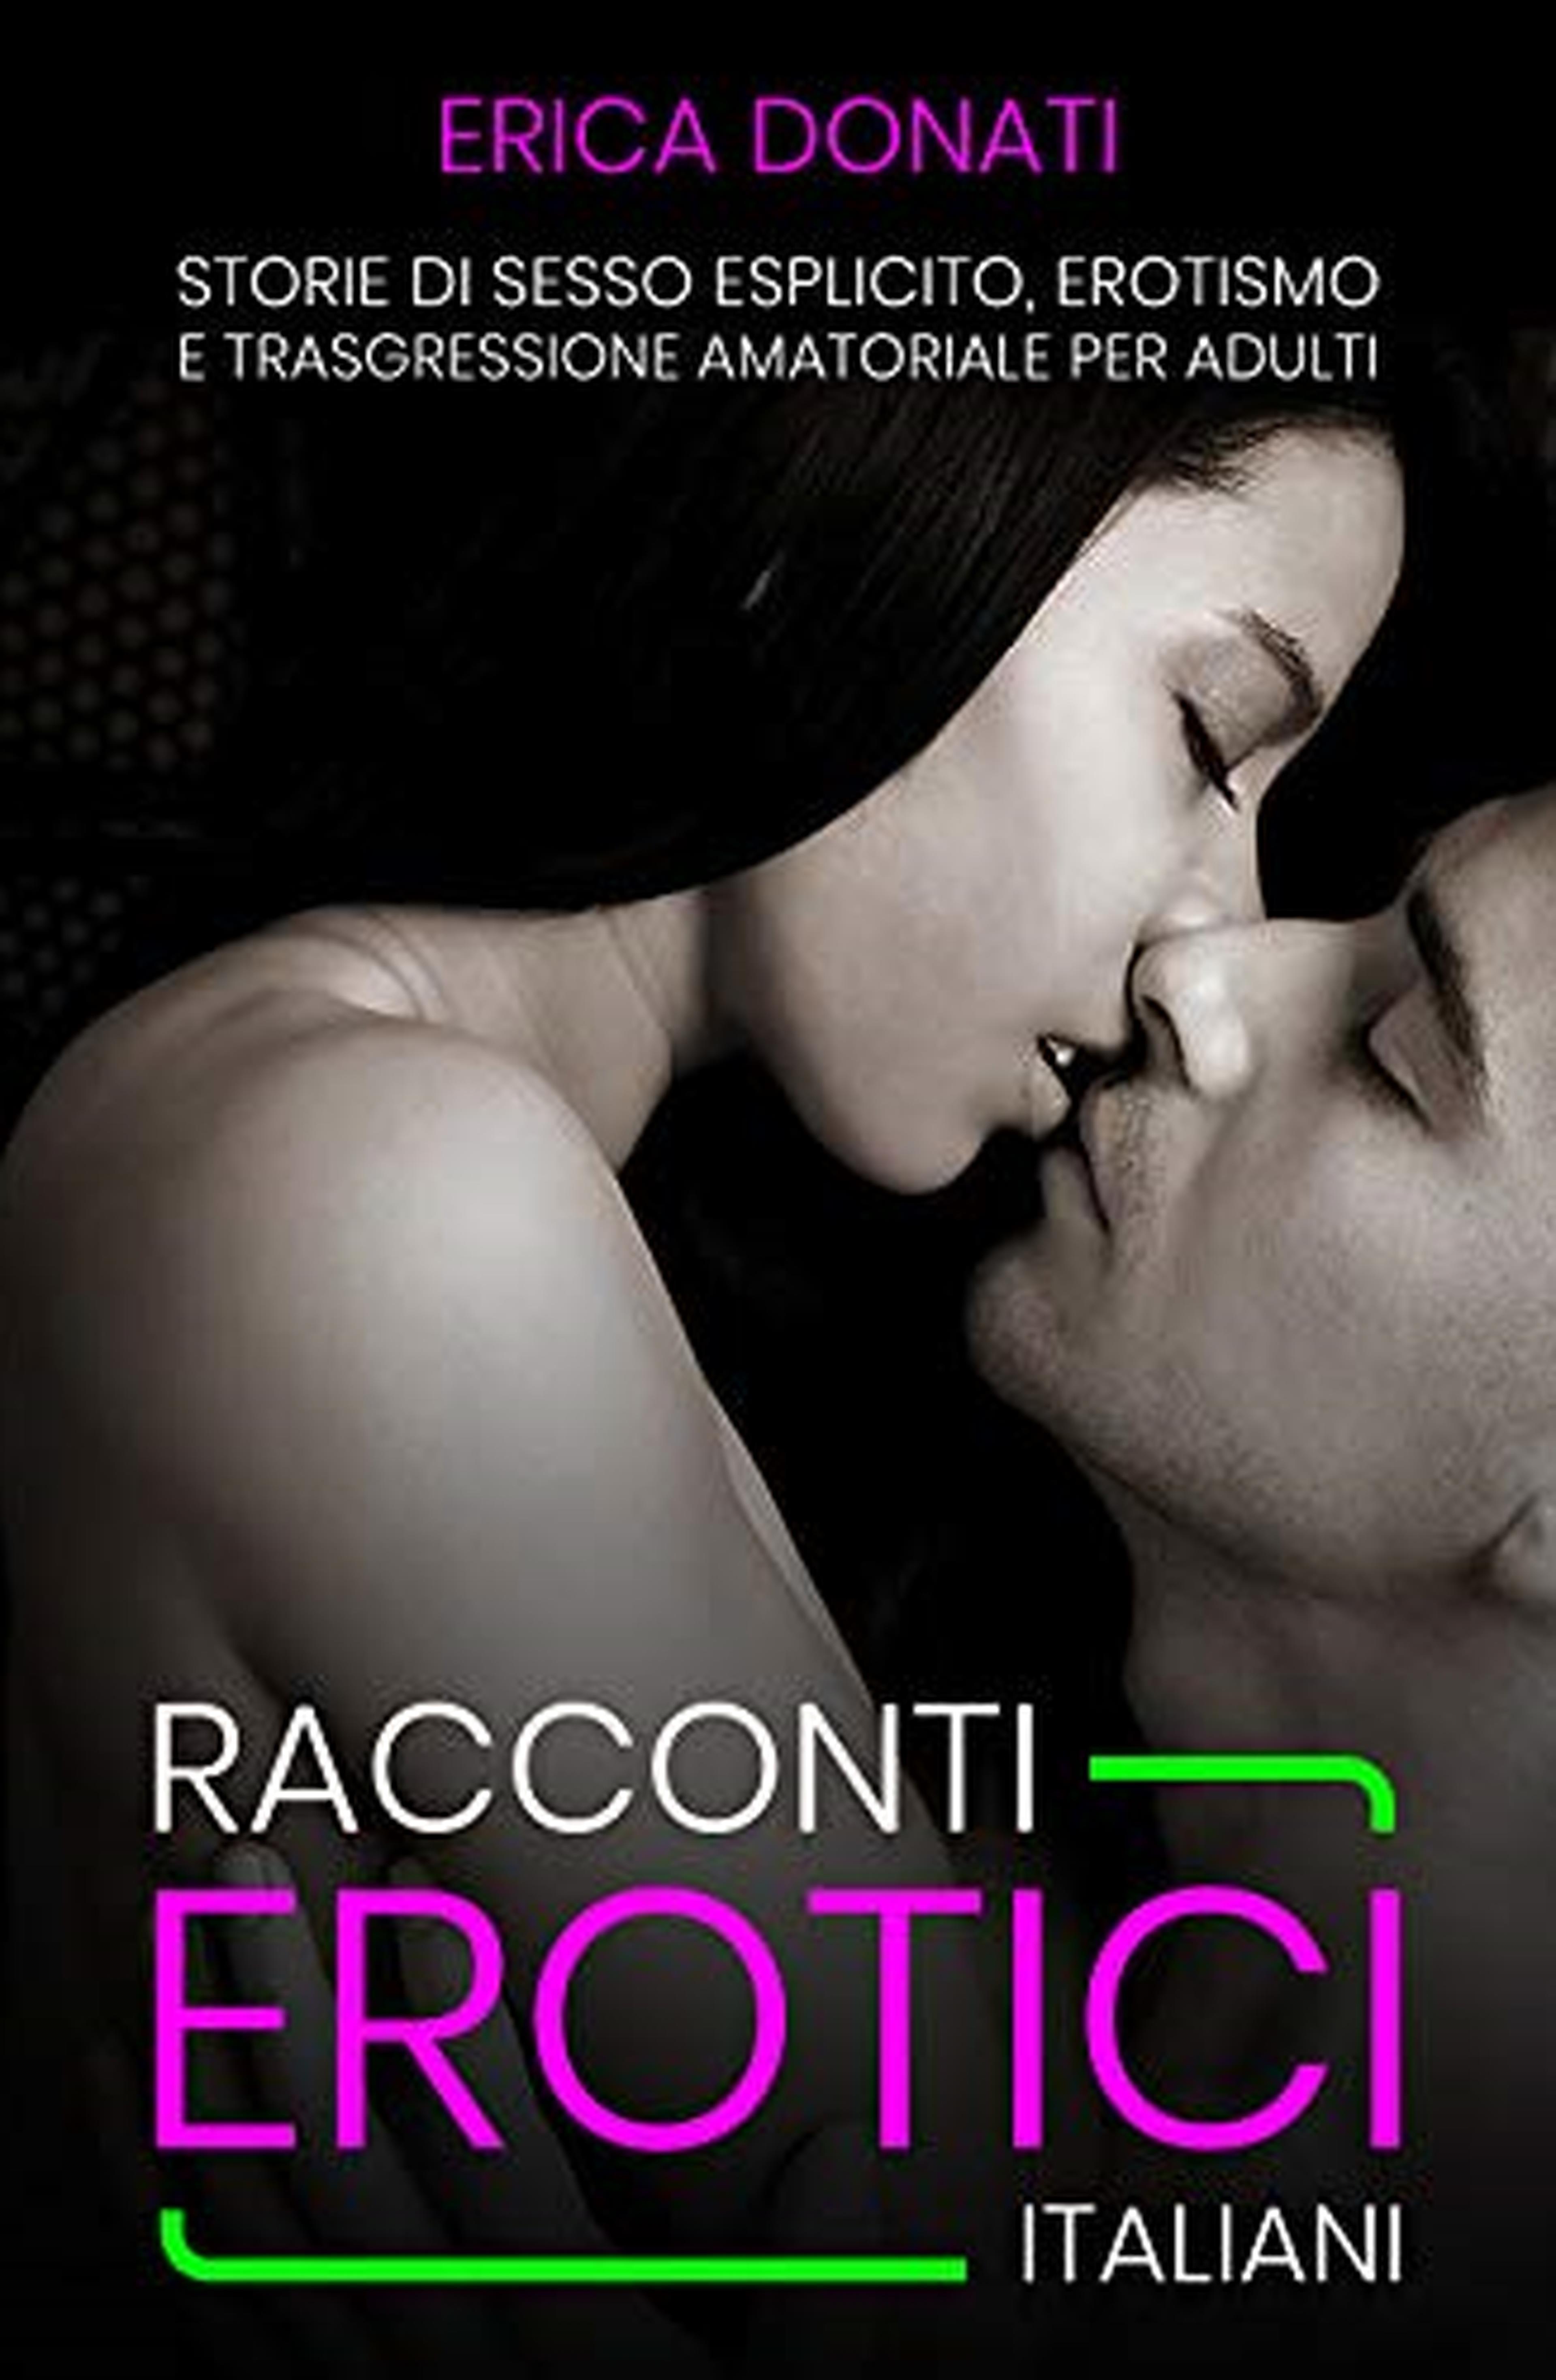 RACCONTI EROTICI ITALIANI: Storie di Sesso Esplicito, Erotismo e Trasgressione Amatoriale per Adulti (Amatoriale Italiano Vol. 1)